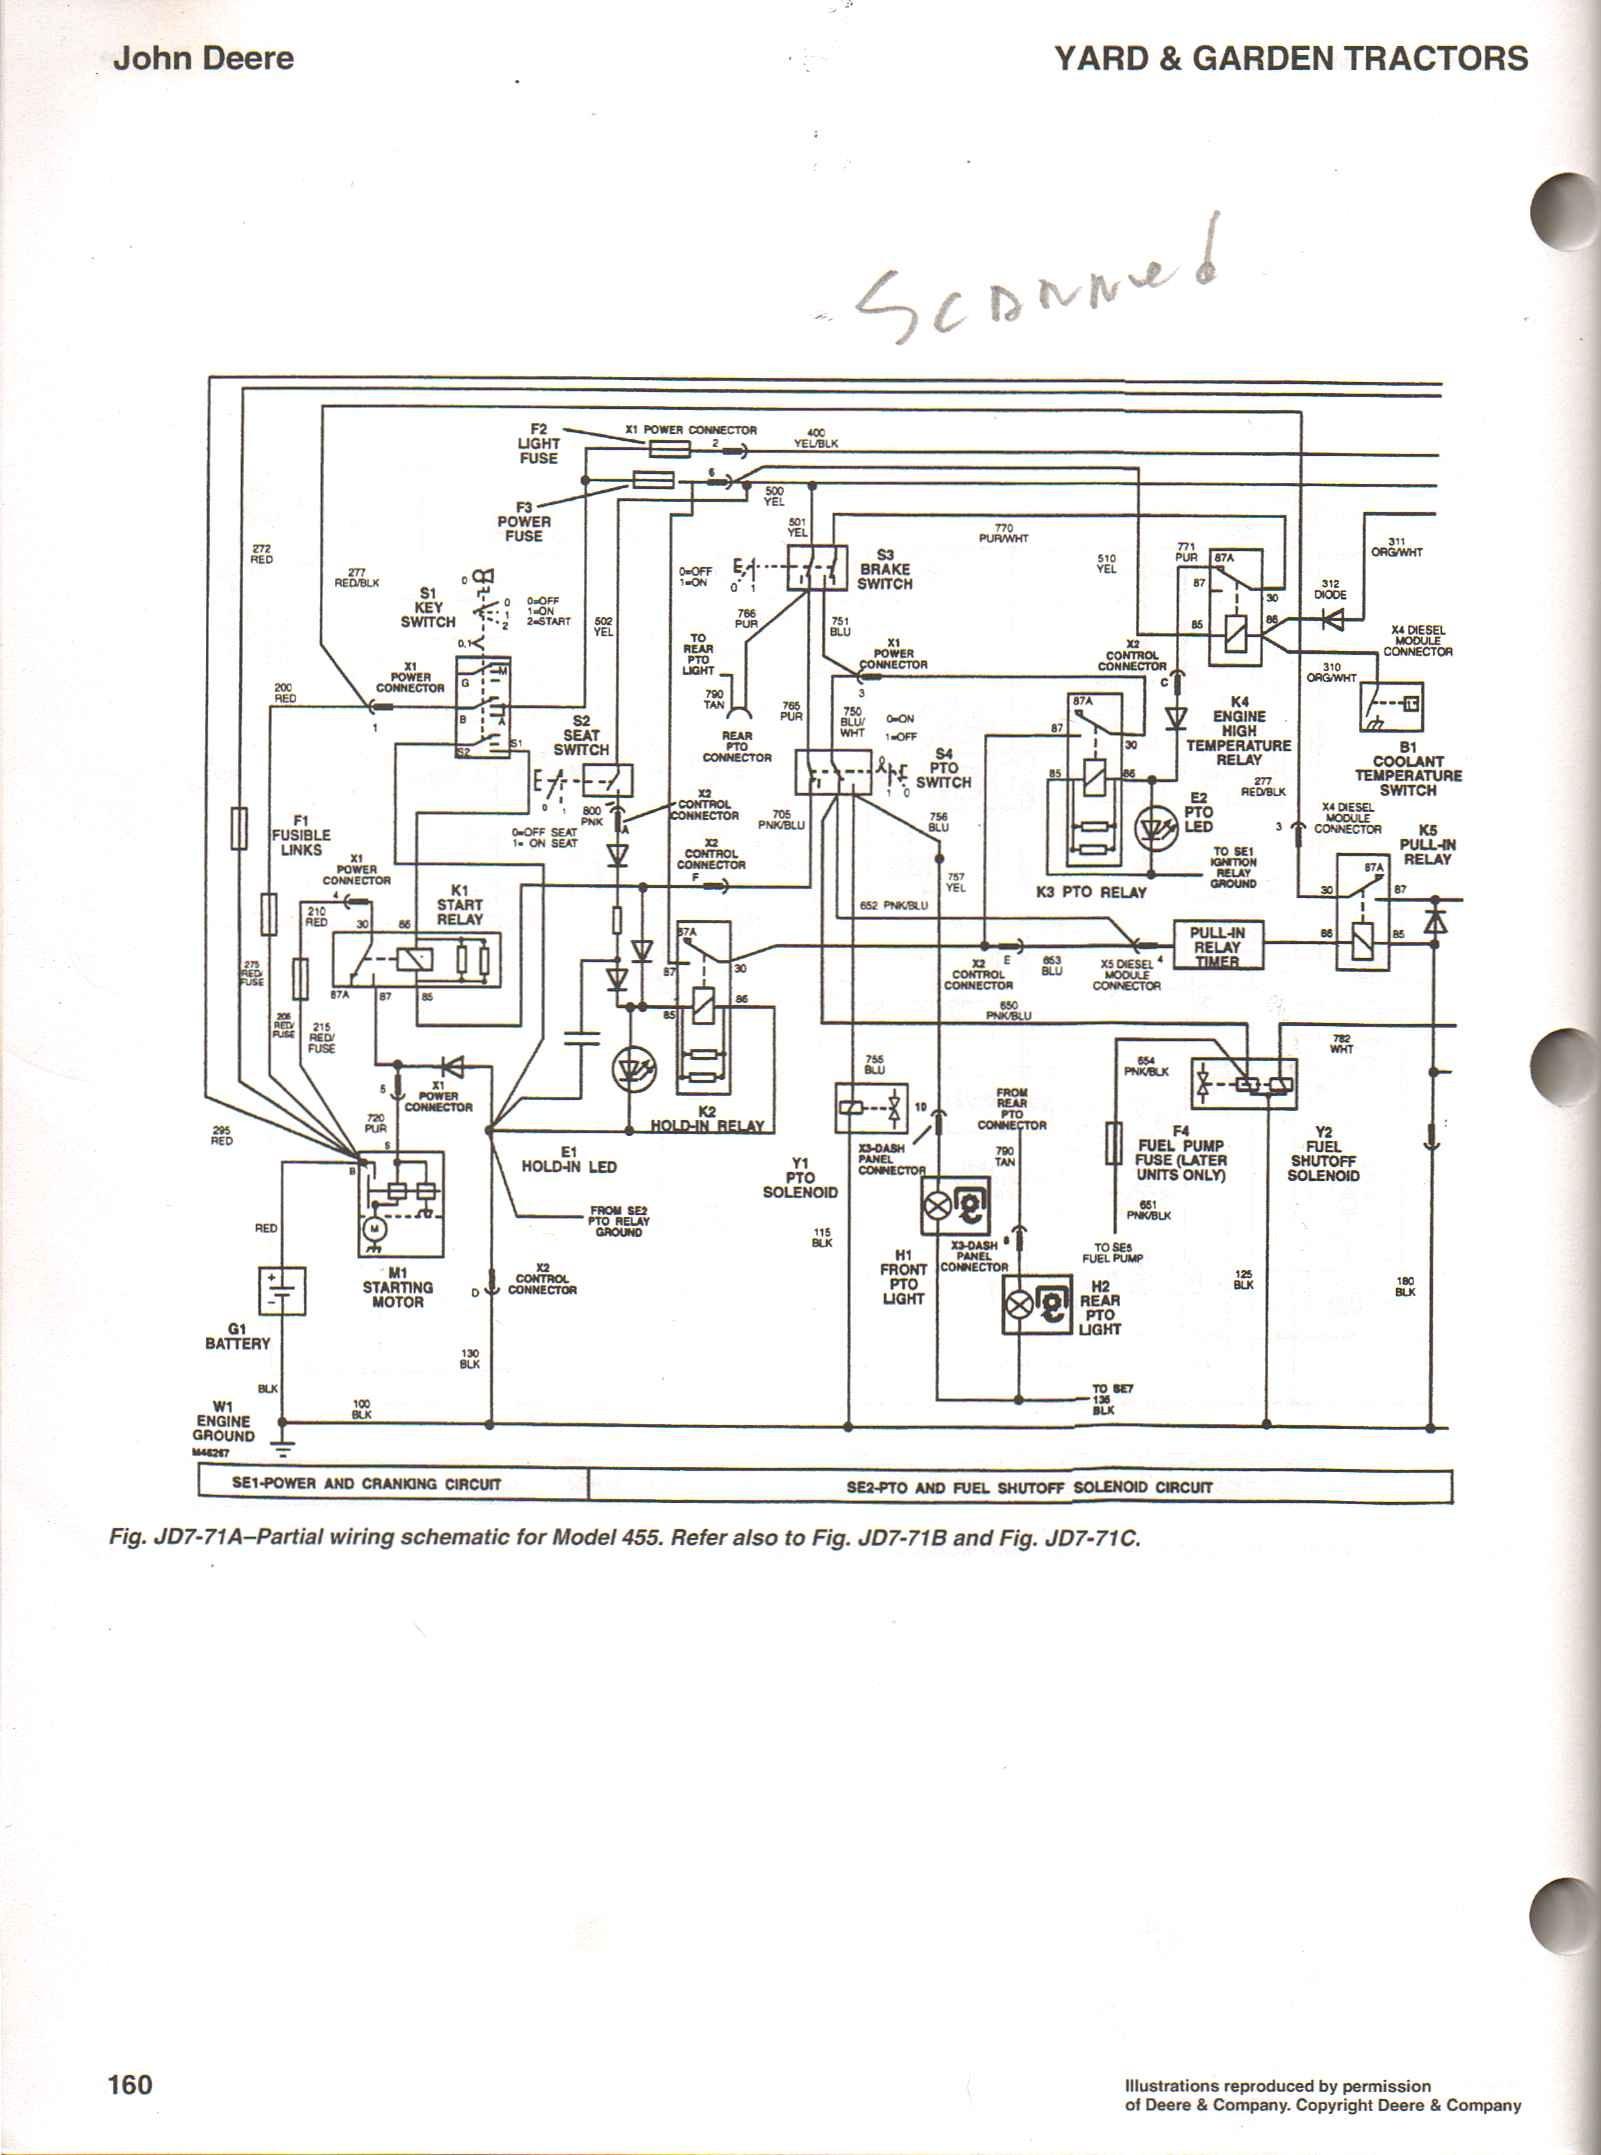 GY 40] John Deere Wiring Schematics 40H Download Diagram